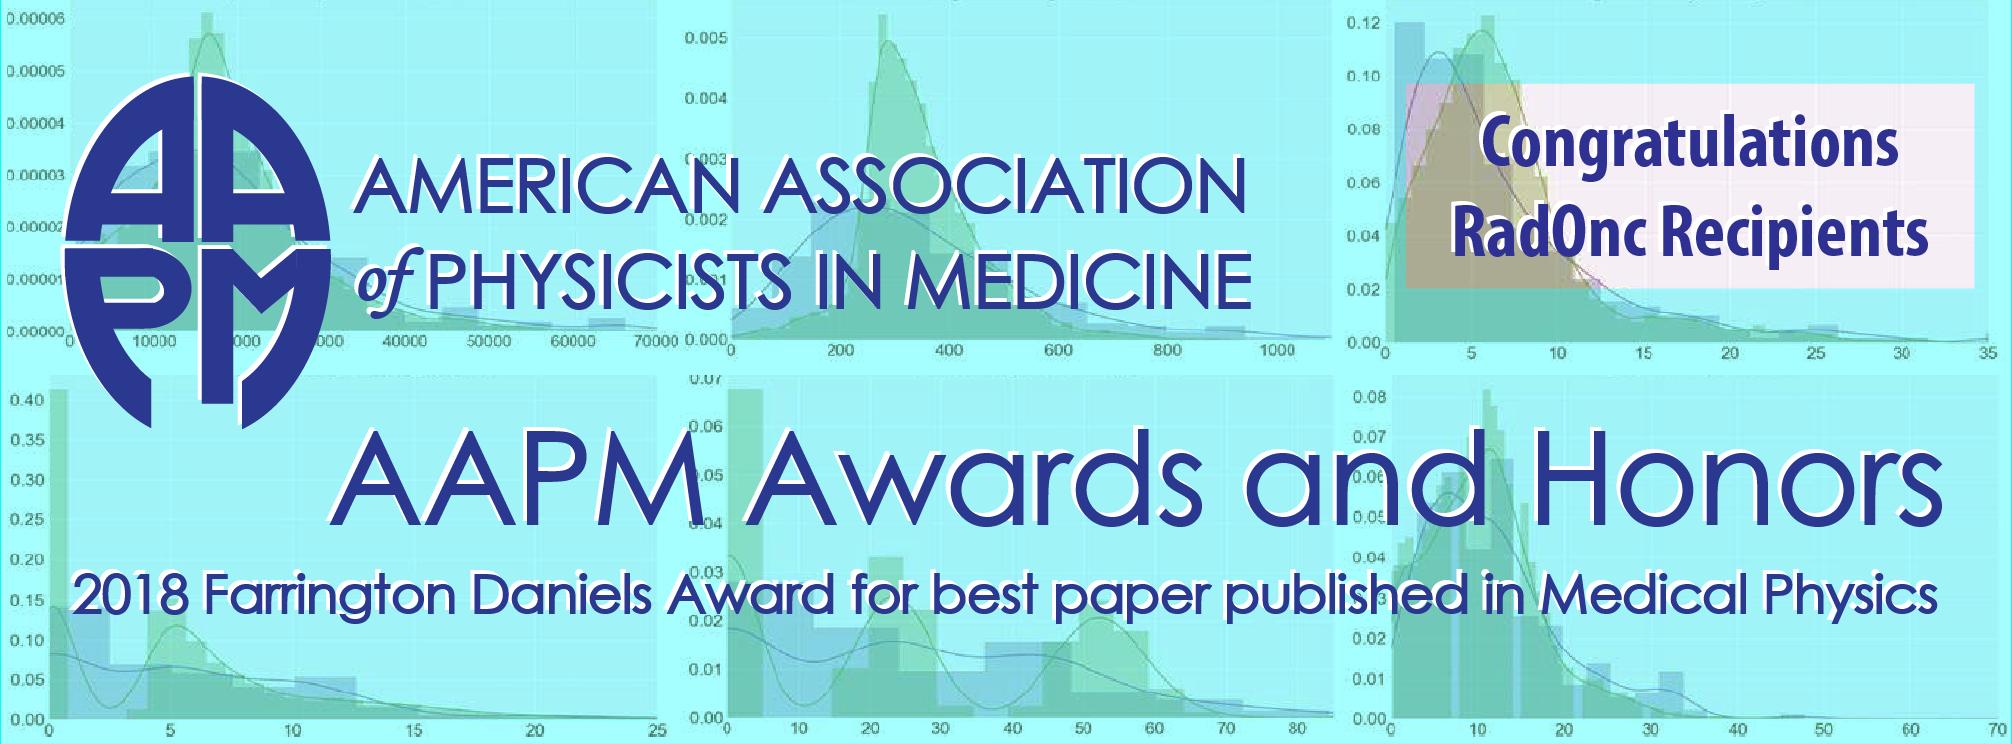 AAPM Farrington Daniels Award